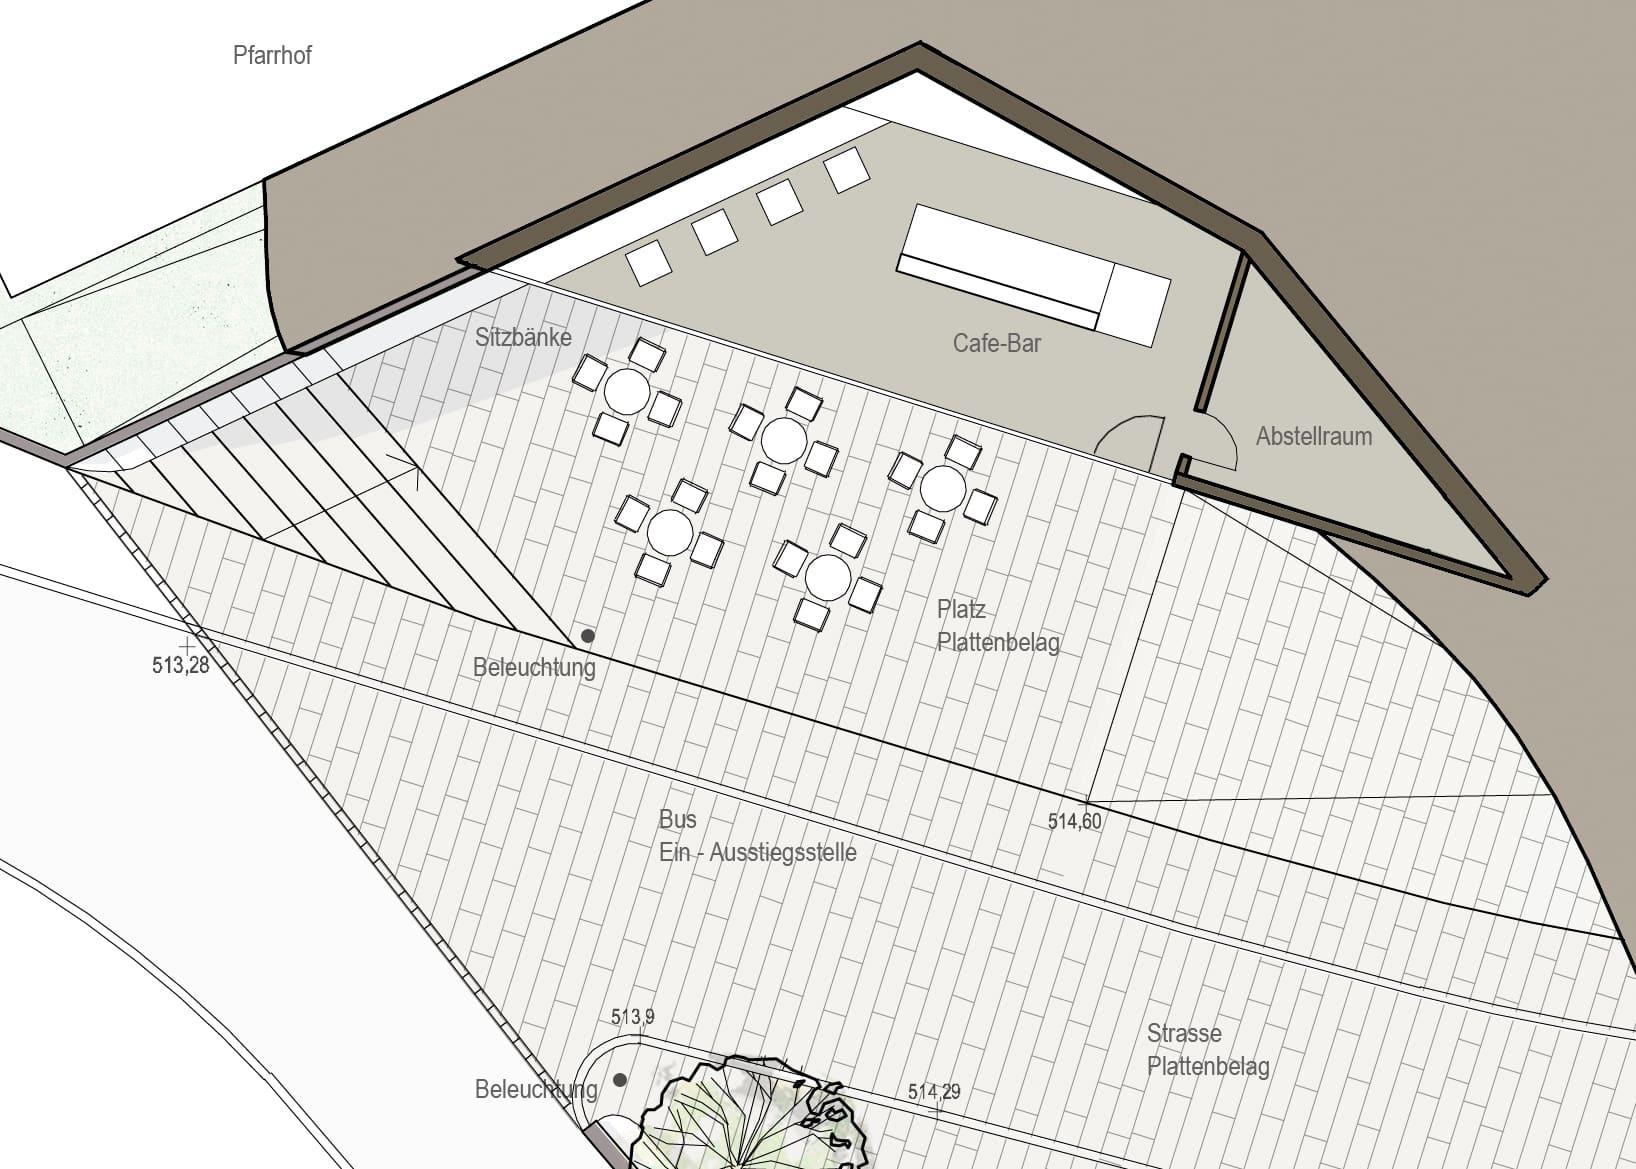 Kirchenplatz in Kefermarkt, ortsplatz, dorfplatz, neue mitte, neue geomantie, architekturwettbewerb